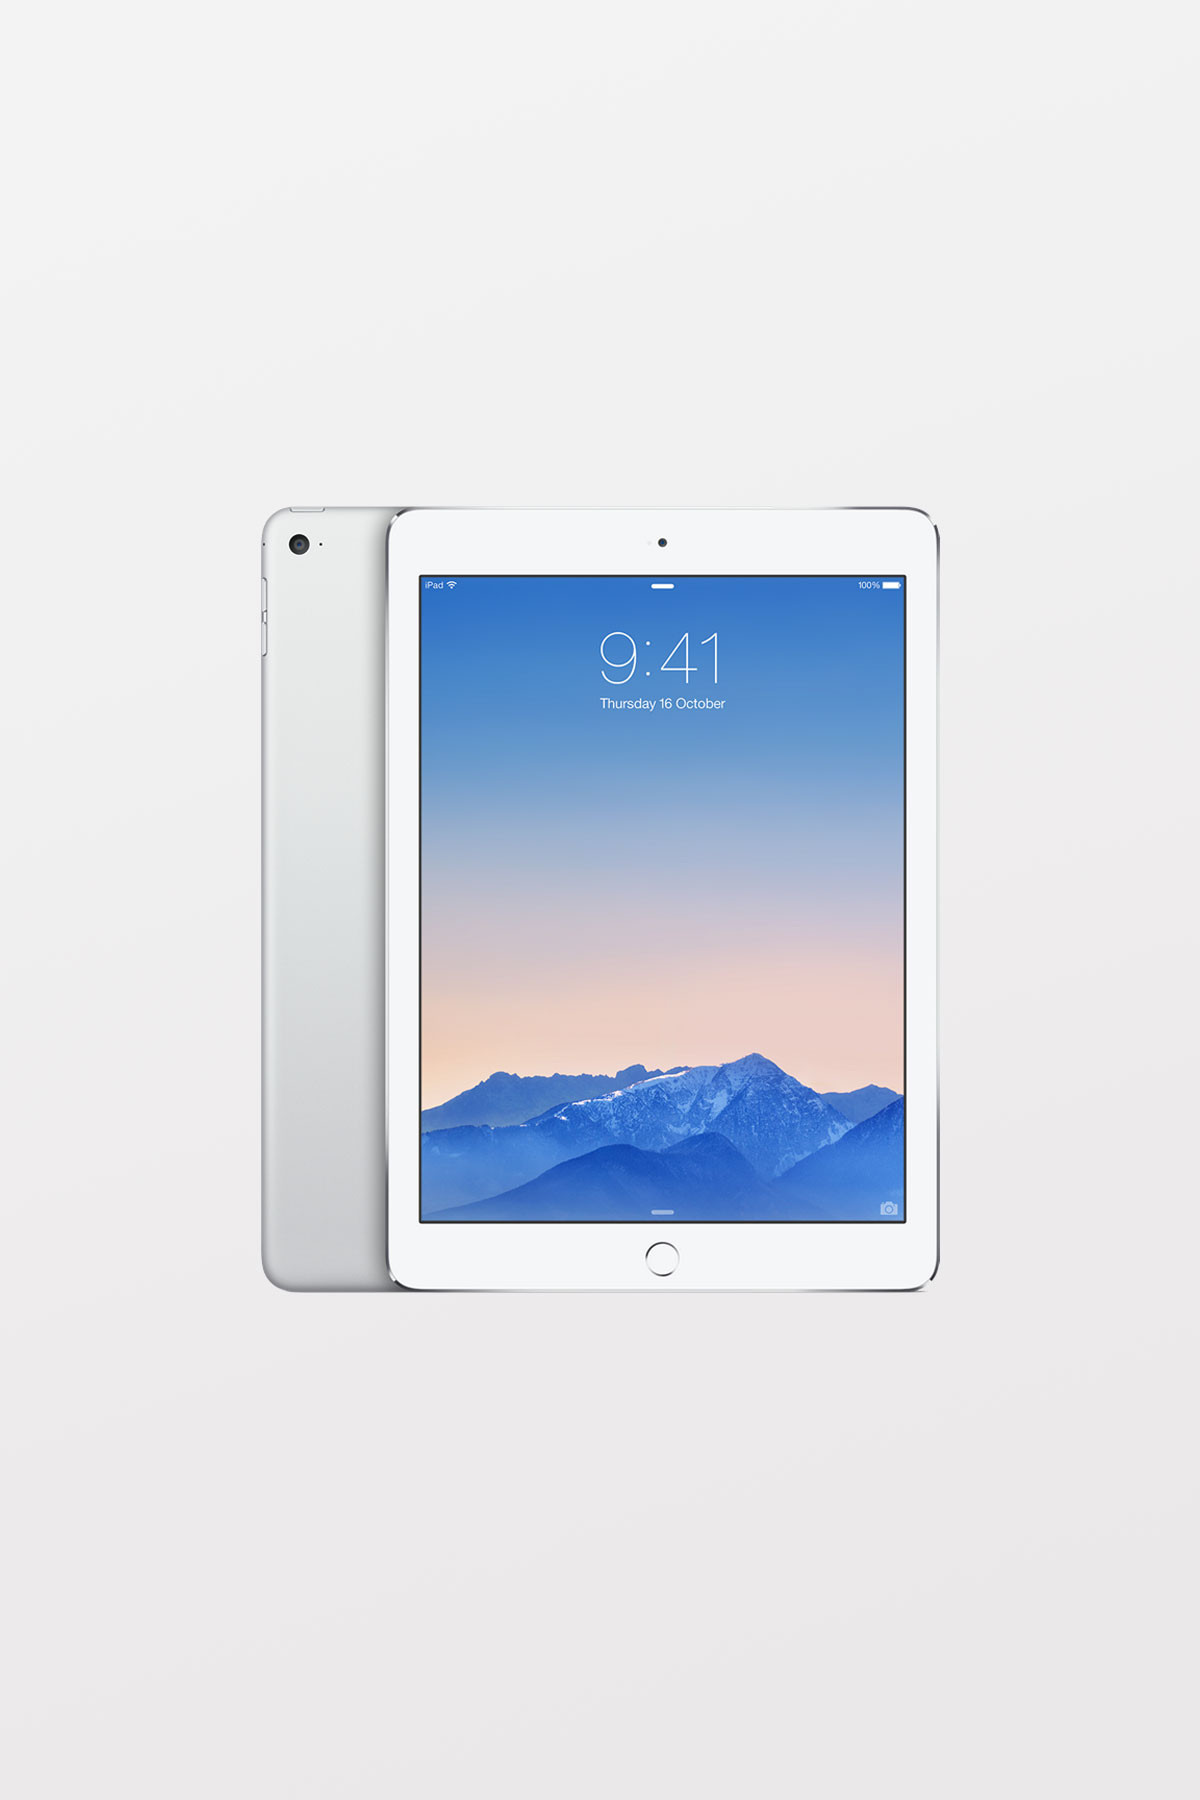 Apple iPad Air 2 128GB Wi-Fi - Silver Refurbished